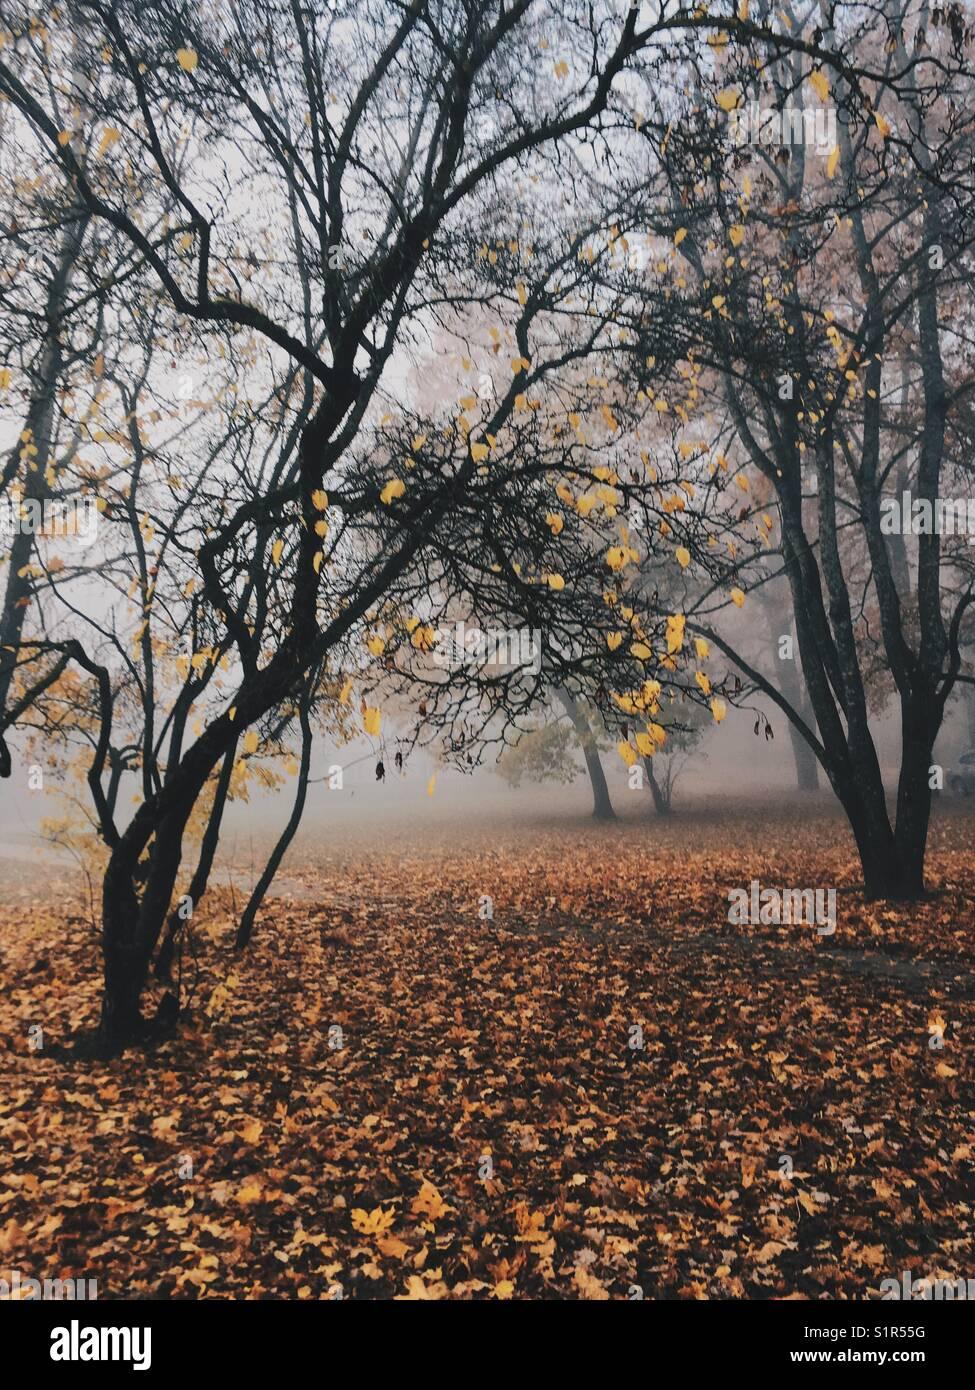 Geheimnisvolle landscapic Szene mit Bäumen im Herbst Nebel. Stockbild